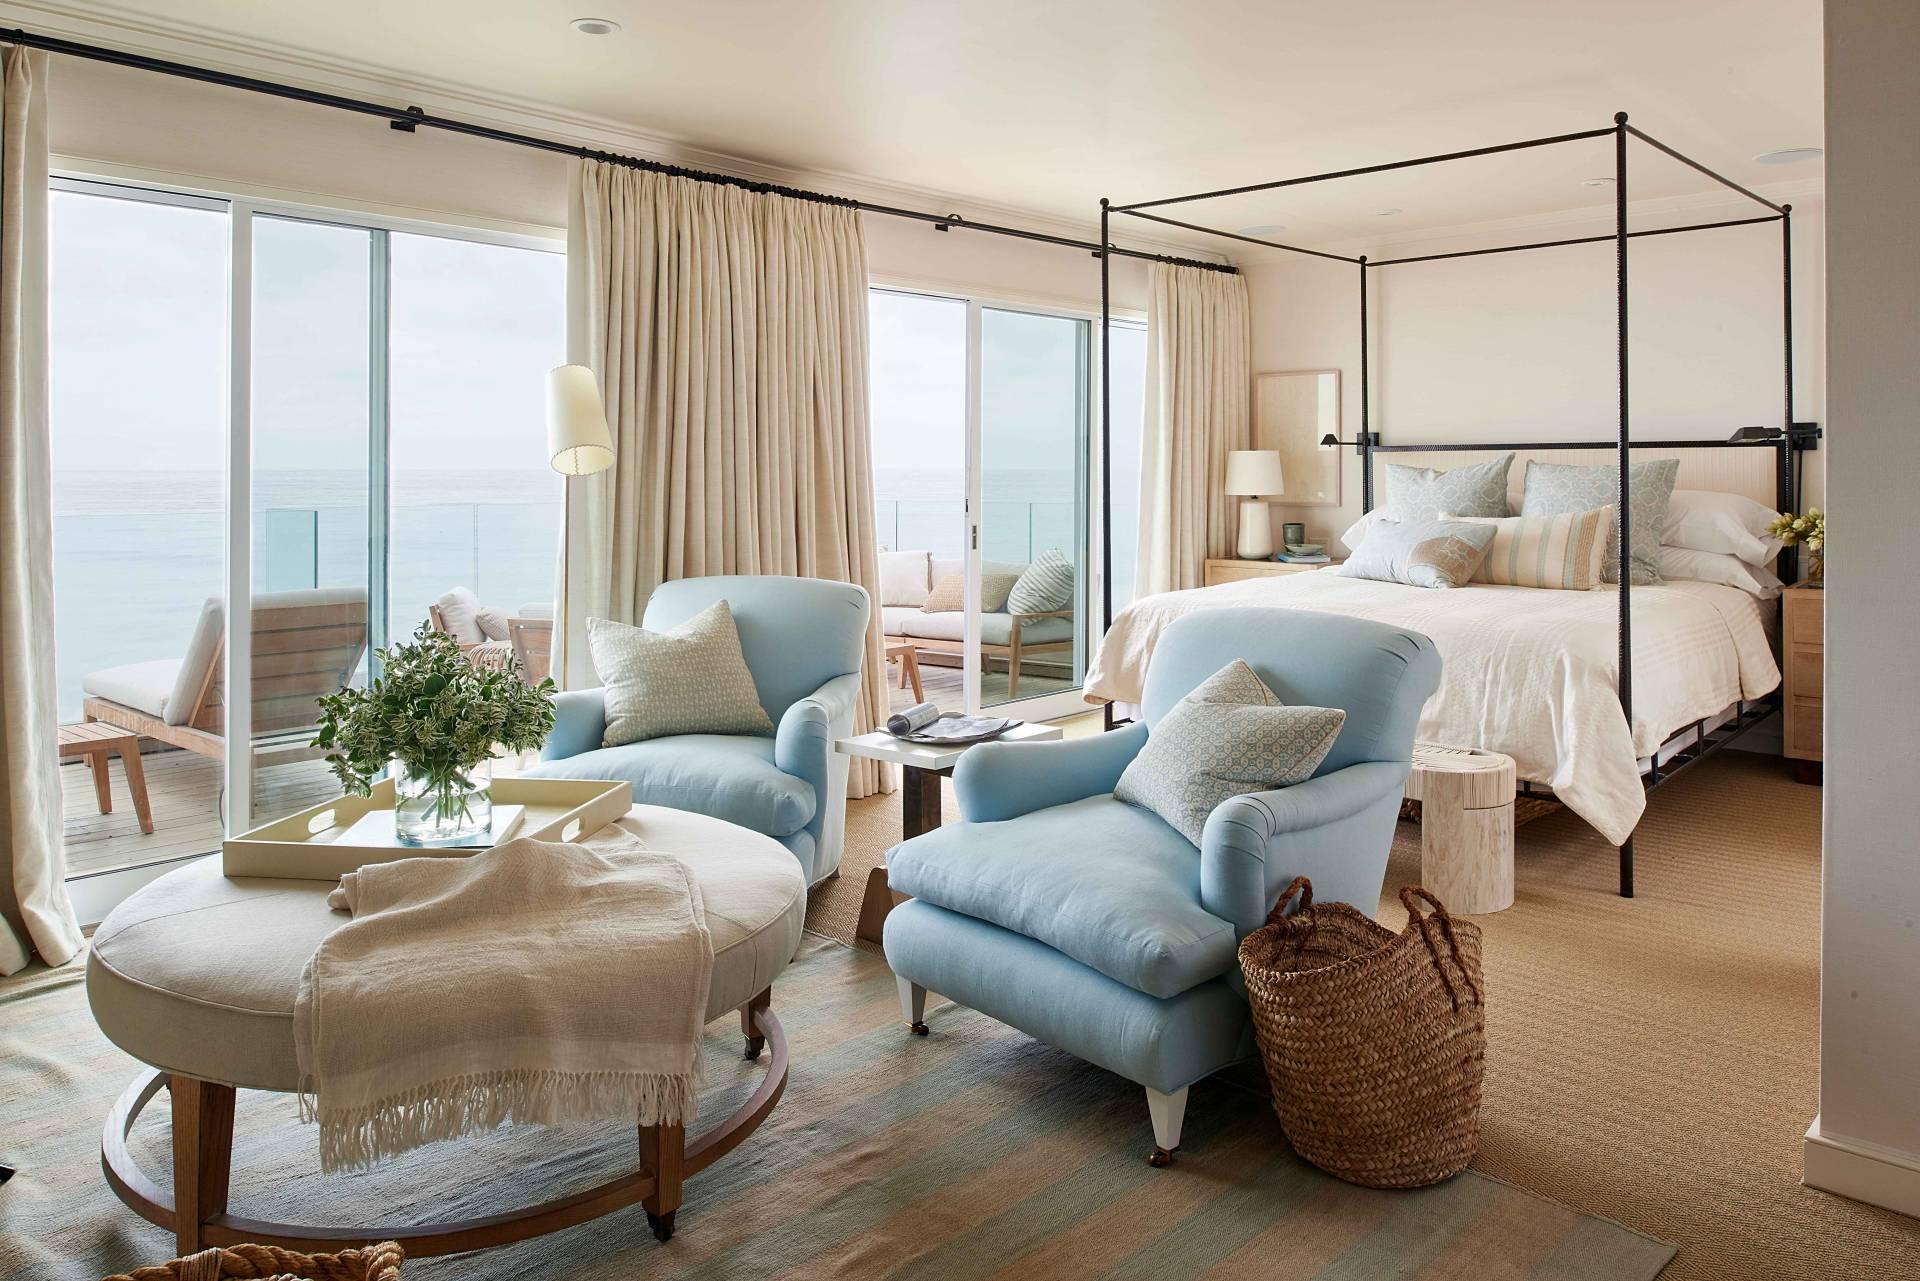 Contemporary Master Bedroom Overlooking Ocean